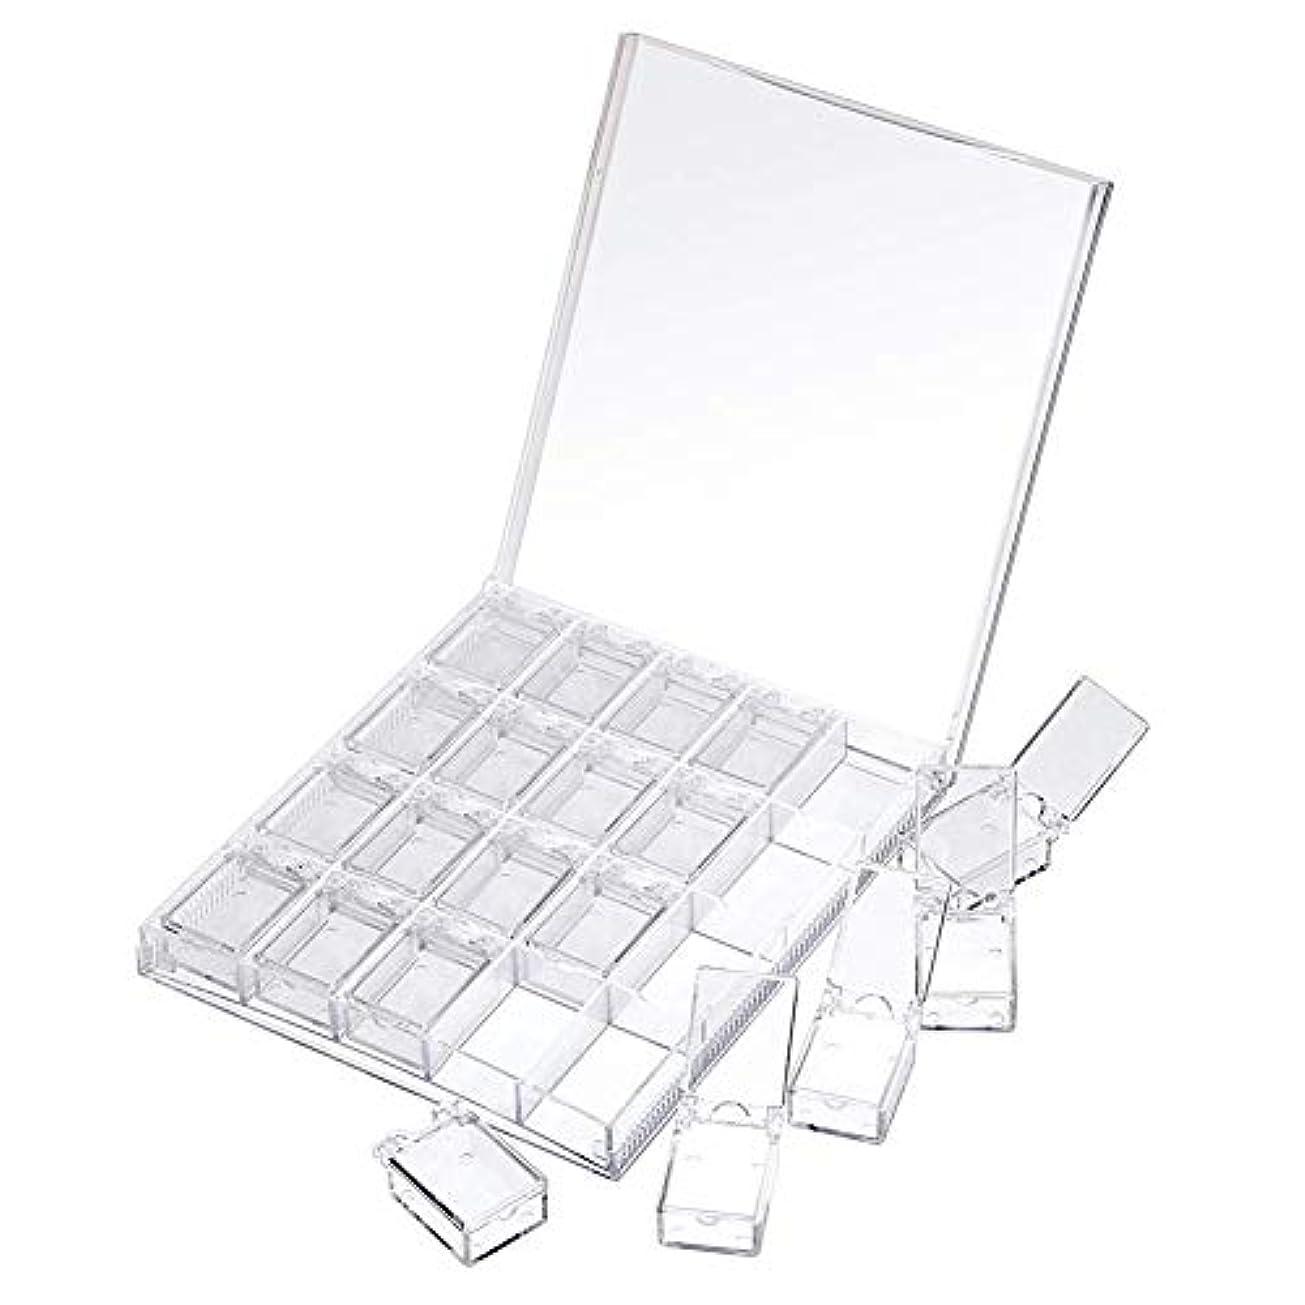 悲観主義者居心地の良い豊かにするMOOJOO ネイルケース ネイル 収納 ボックス 小分け 20セクション 透明